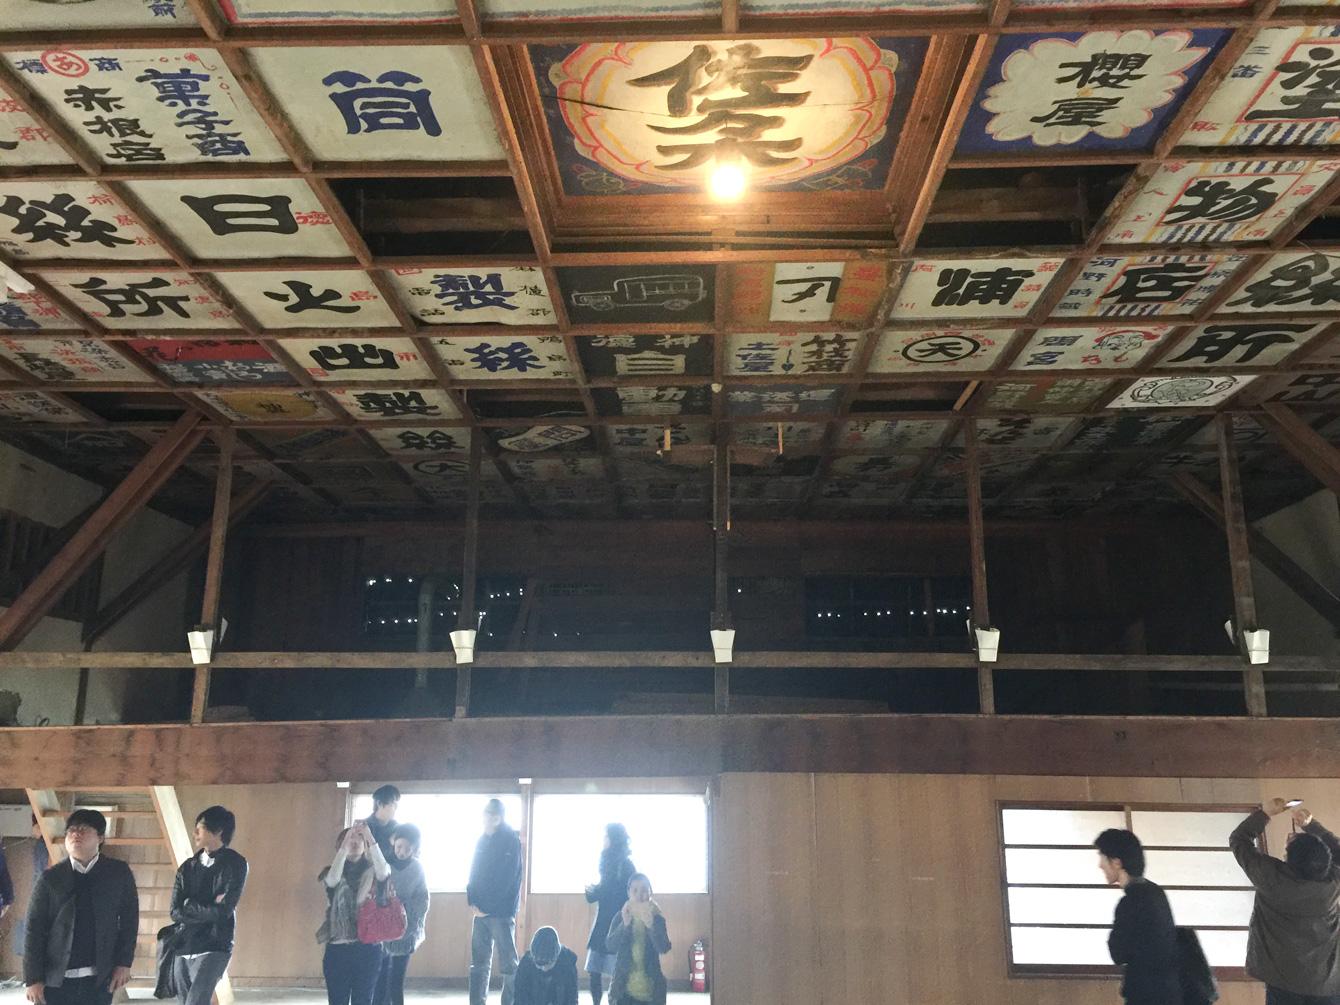 神山塾とモノサス塾合同で、神山に古くからある劇場「寄井座」を見学。